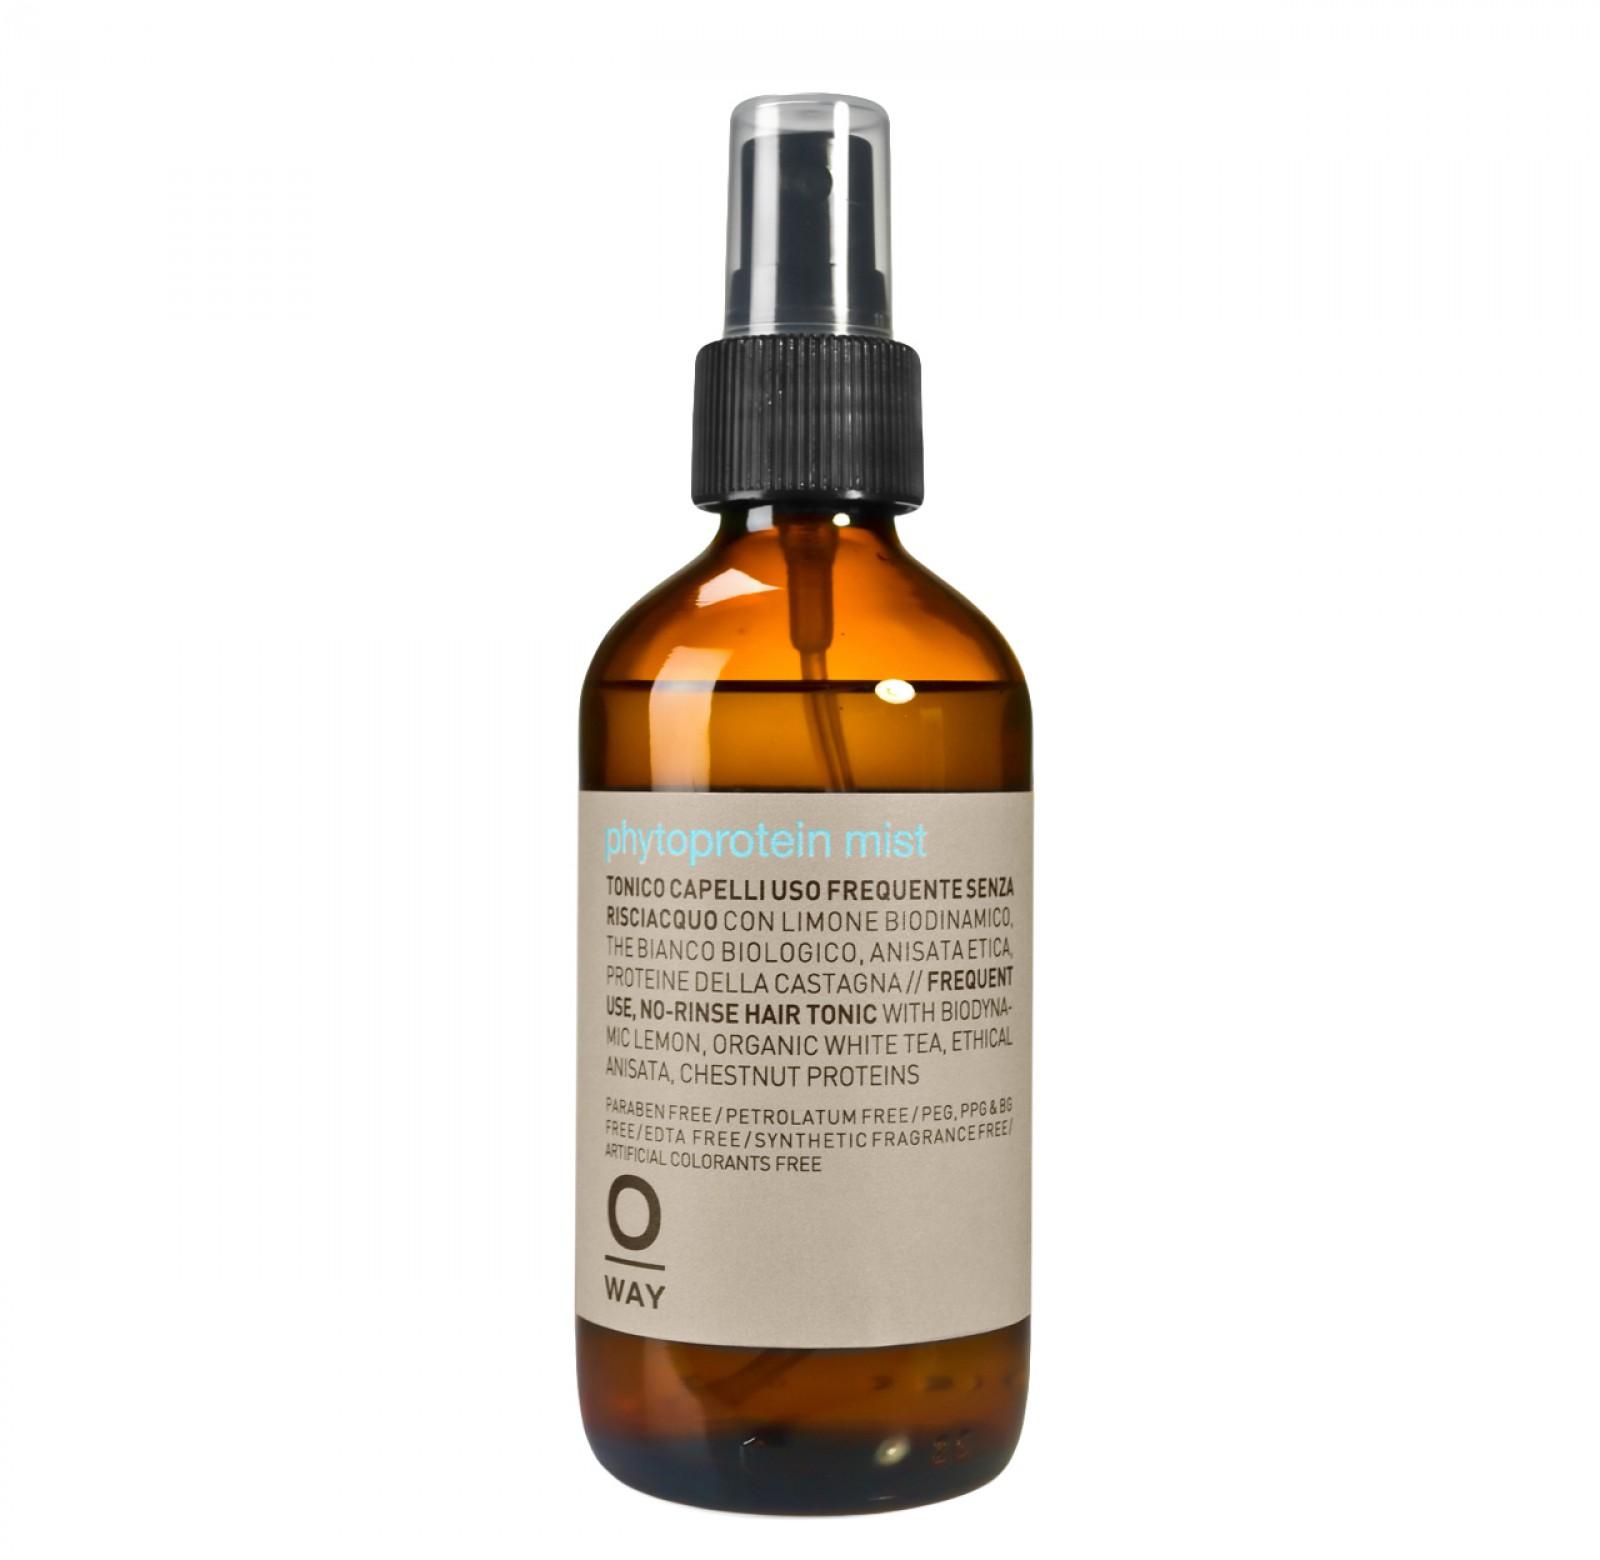 Deze proteïne spray herstelt het haar van binnenuiten zorgt ervoor dat uw haar er weer gezond uitziet. Oway Daily Phytoprotein Mist Spray ontklit direct!